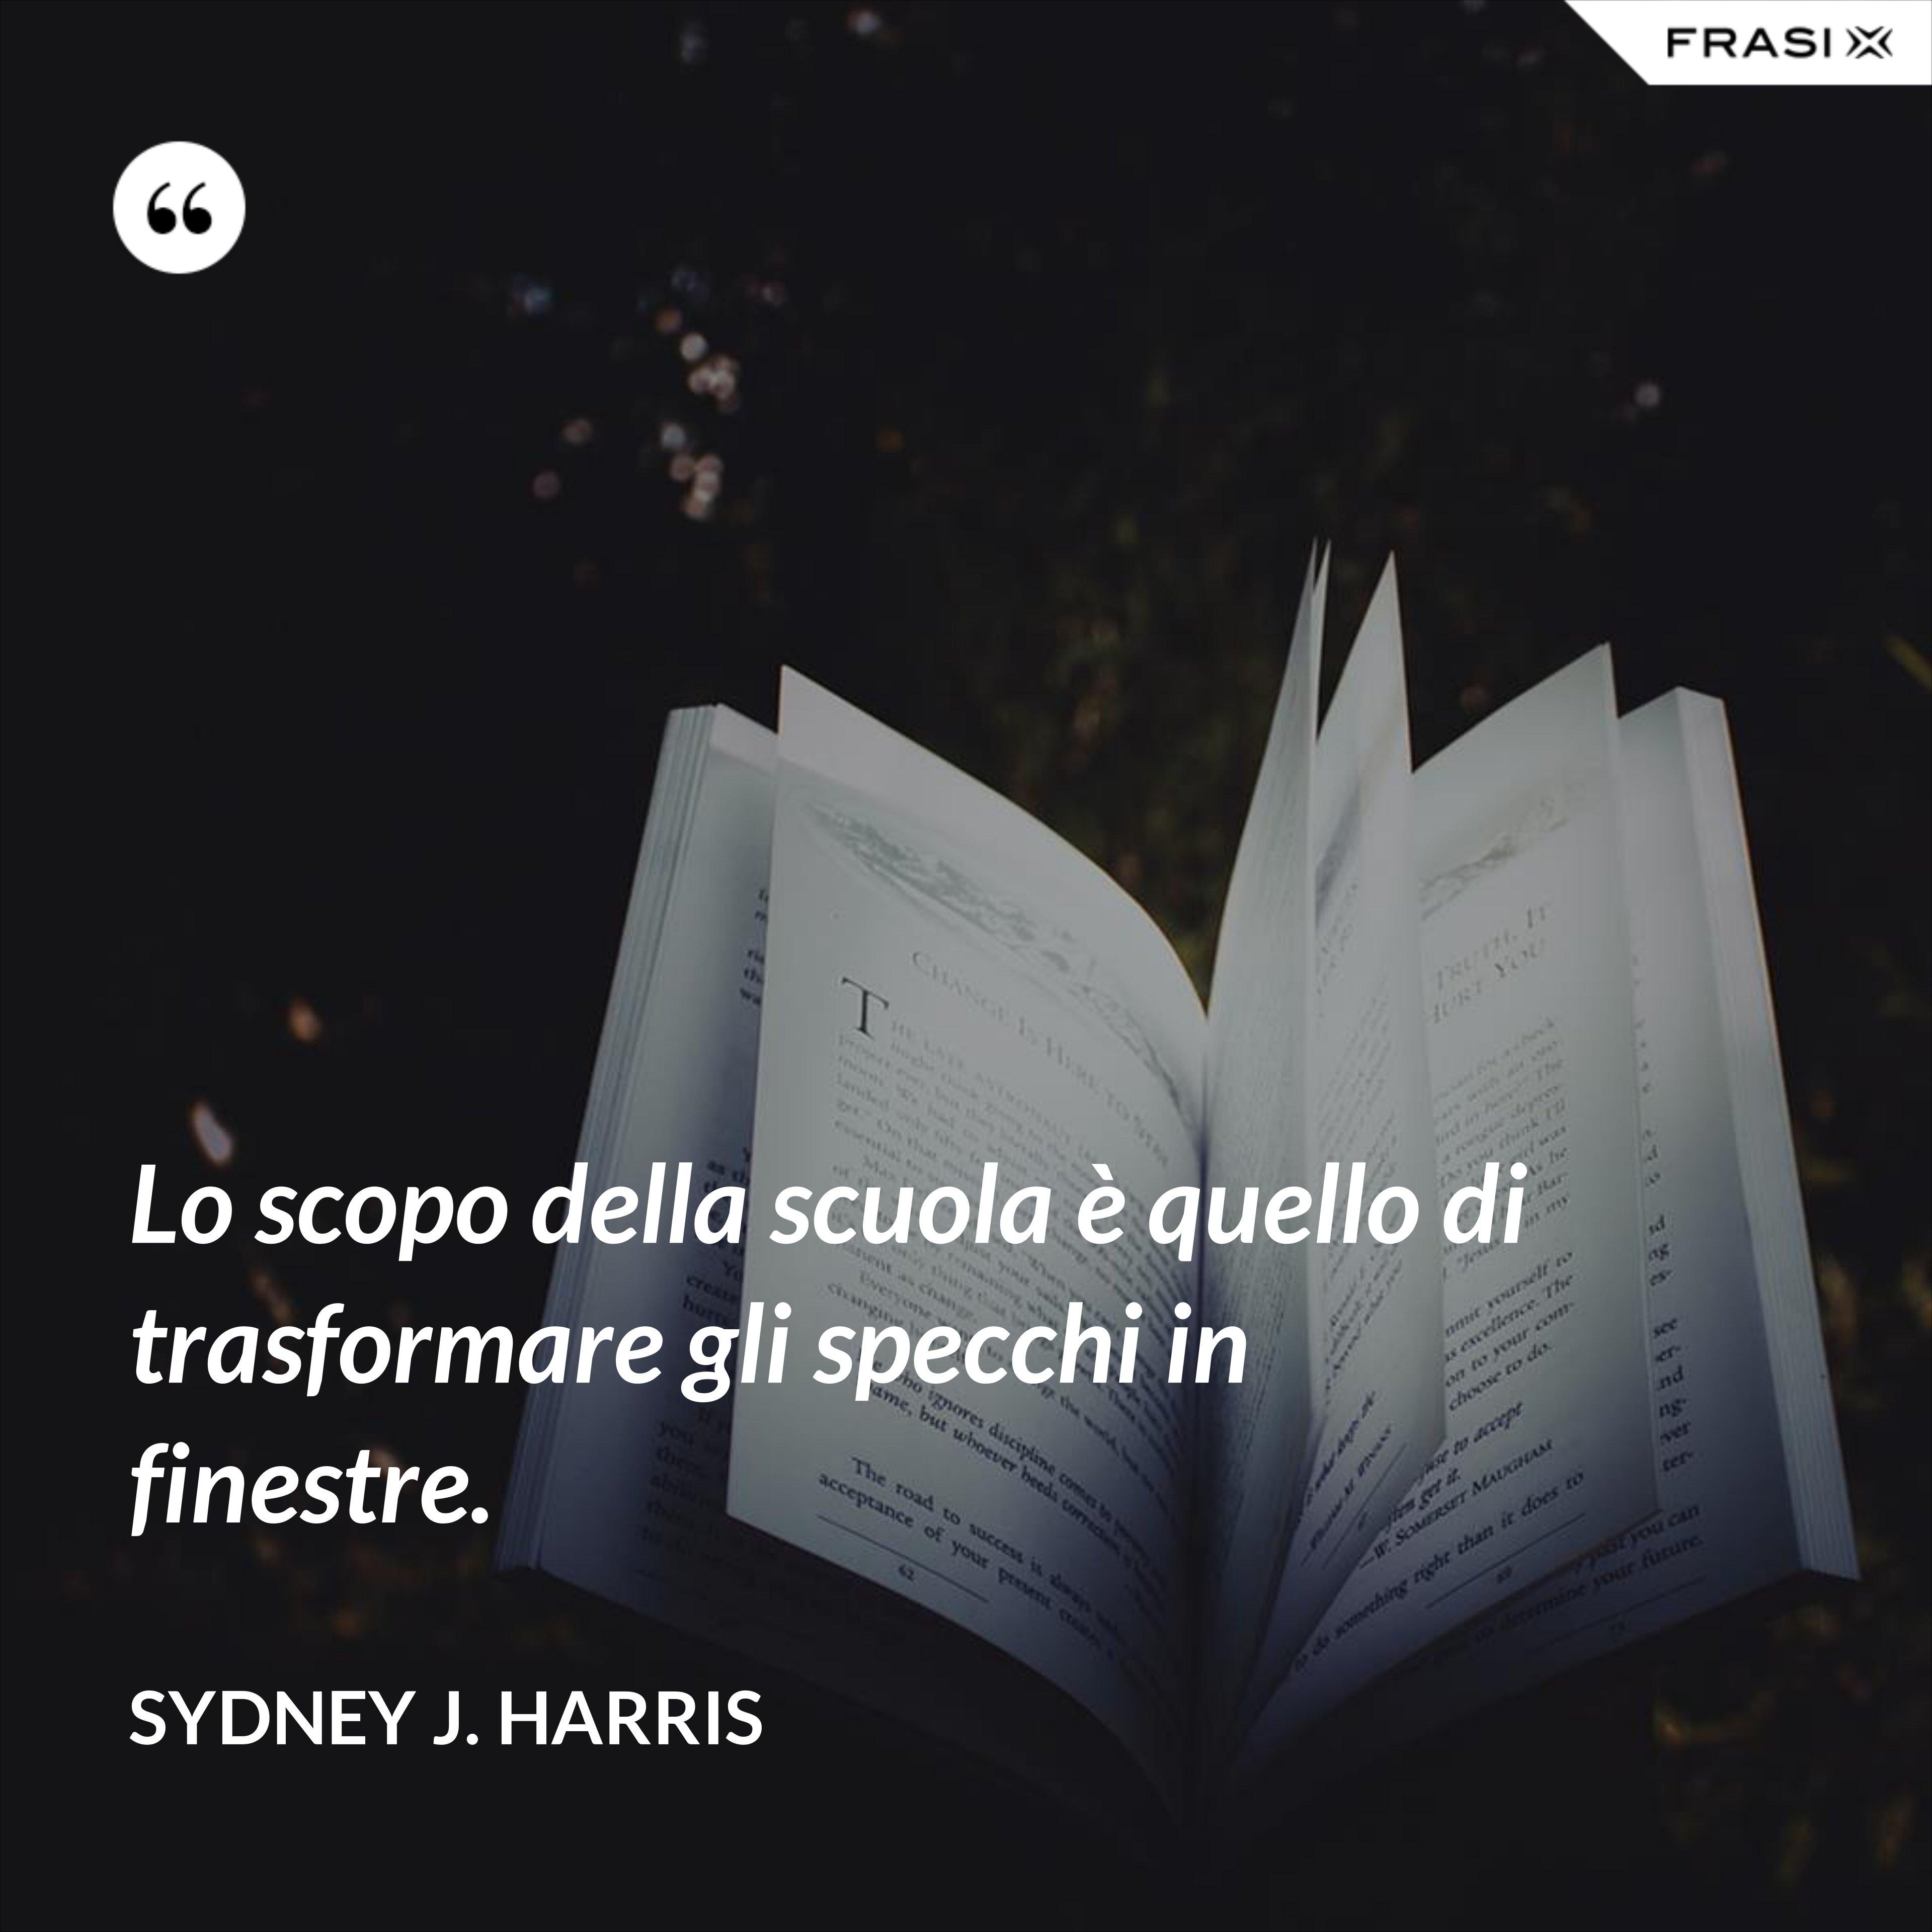 Lo scopo della scuola è quello di trasformare gli specchi in finestre. - Sydney J. Harris